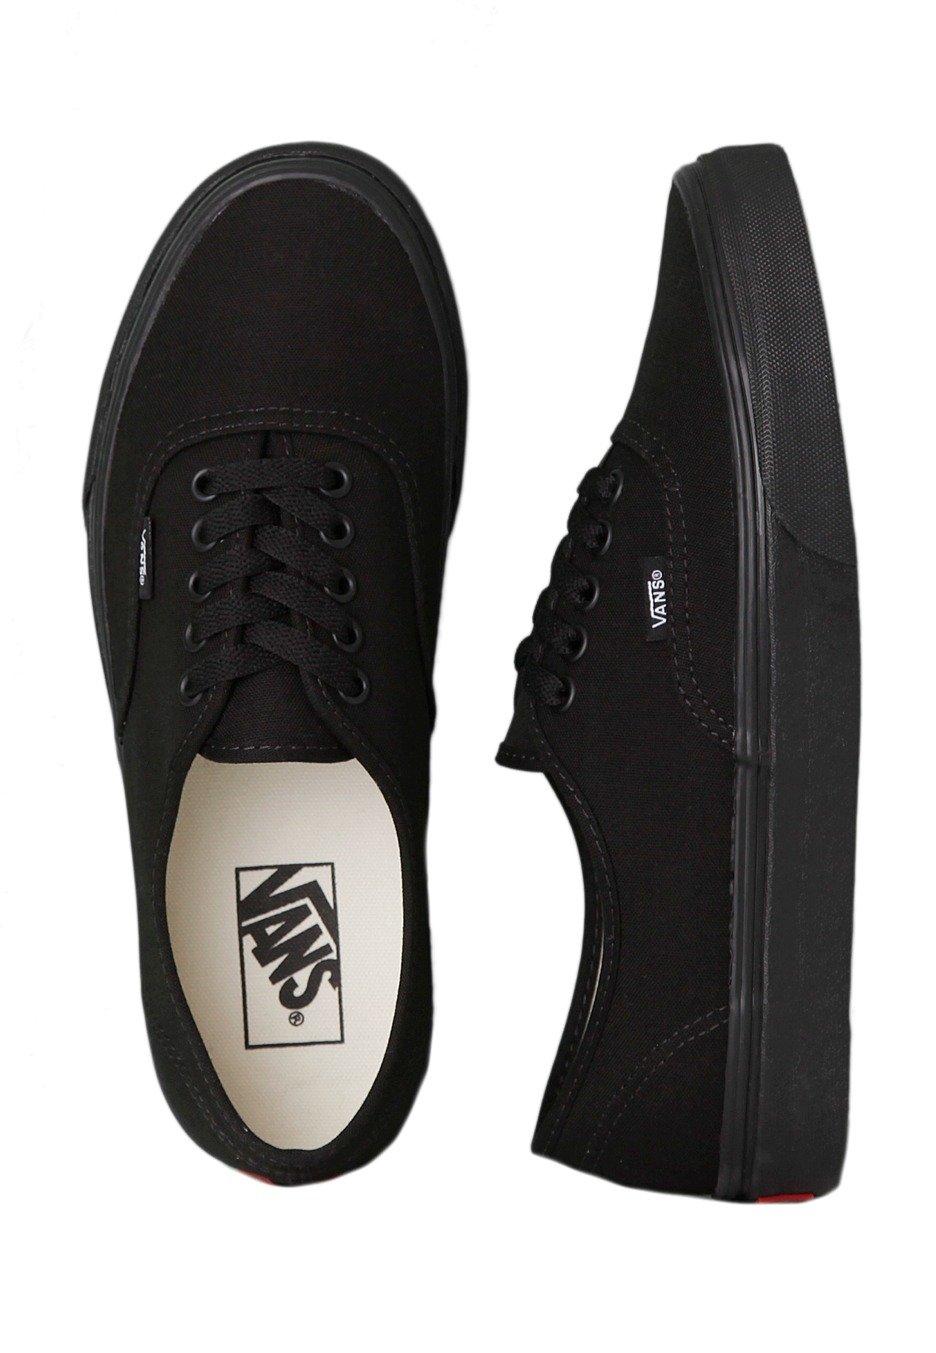 Vans Authentic Blackblack Girl Shoes Impericoncom Au